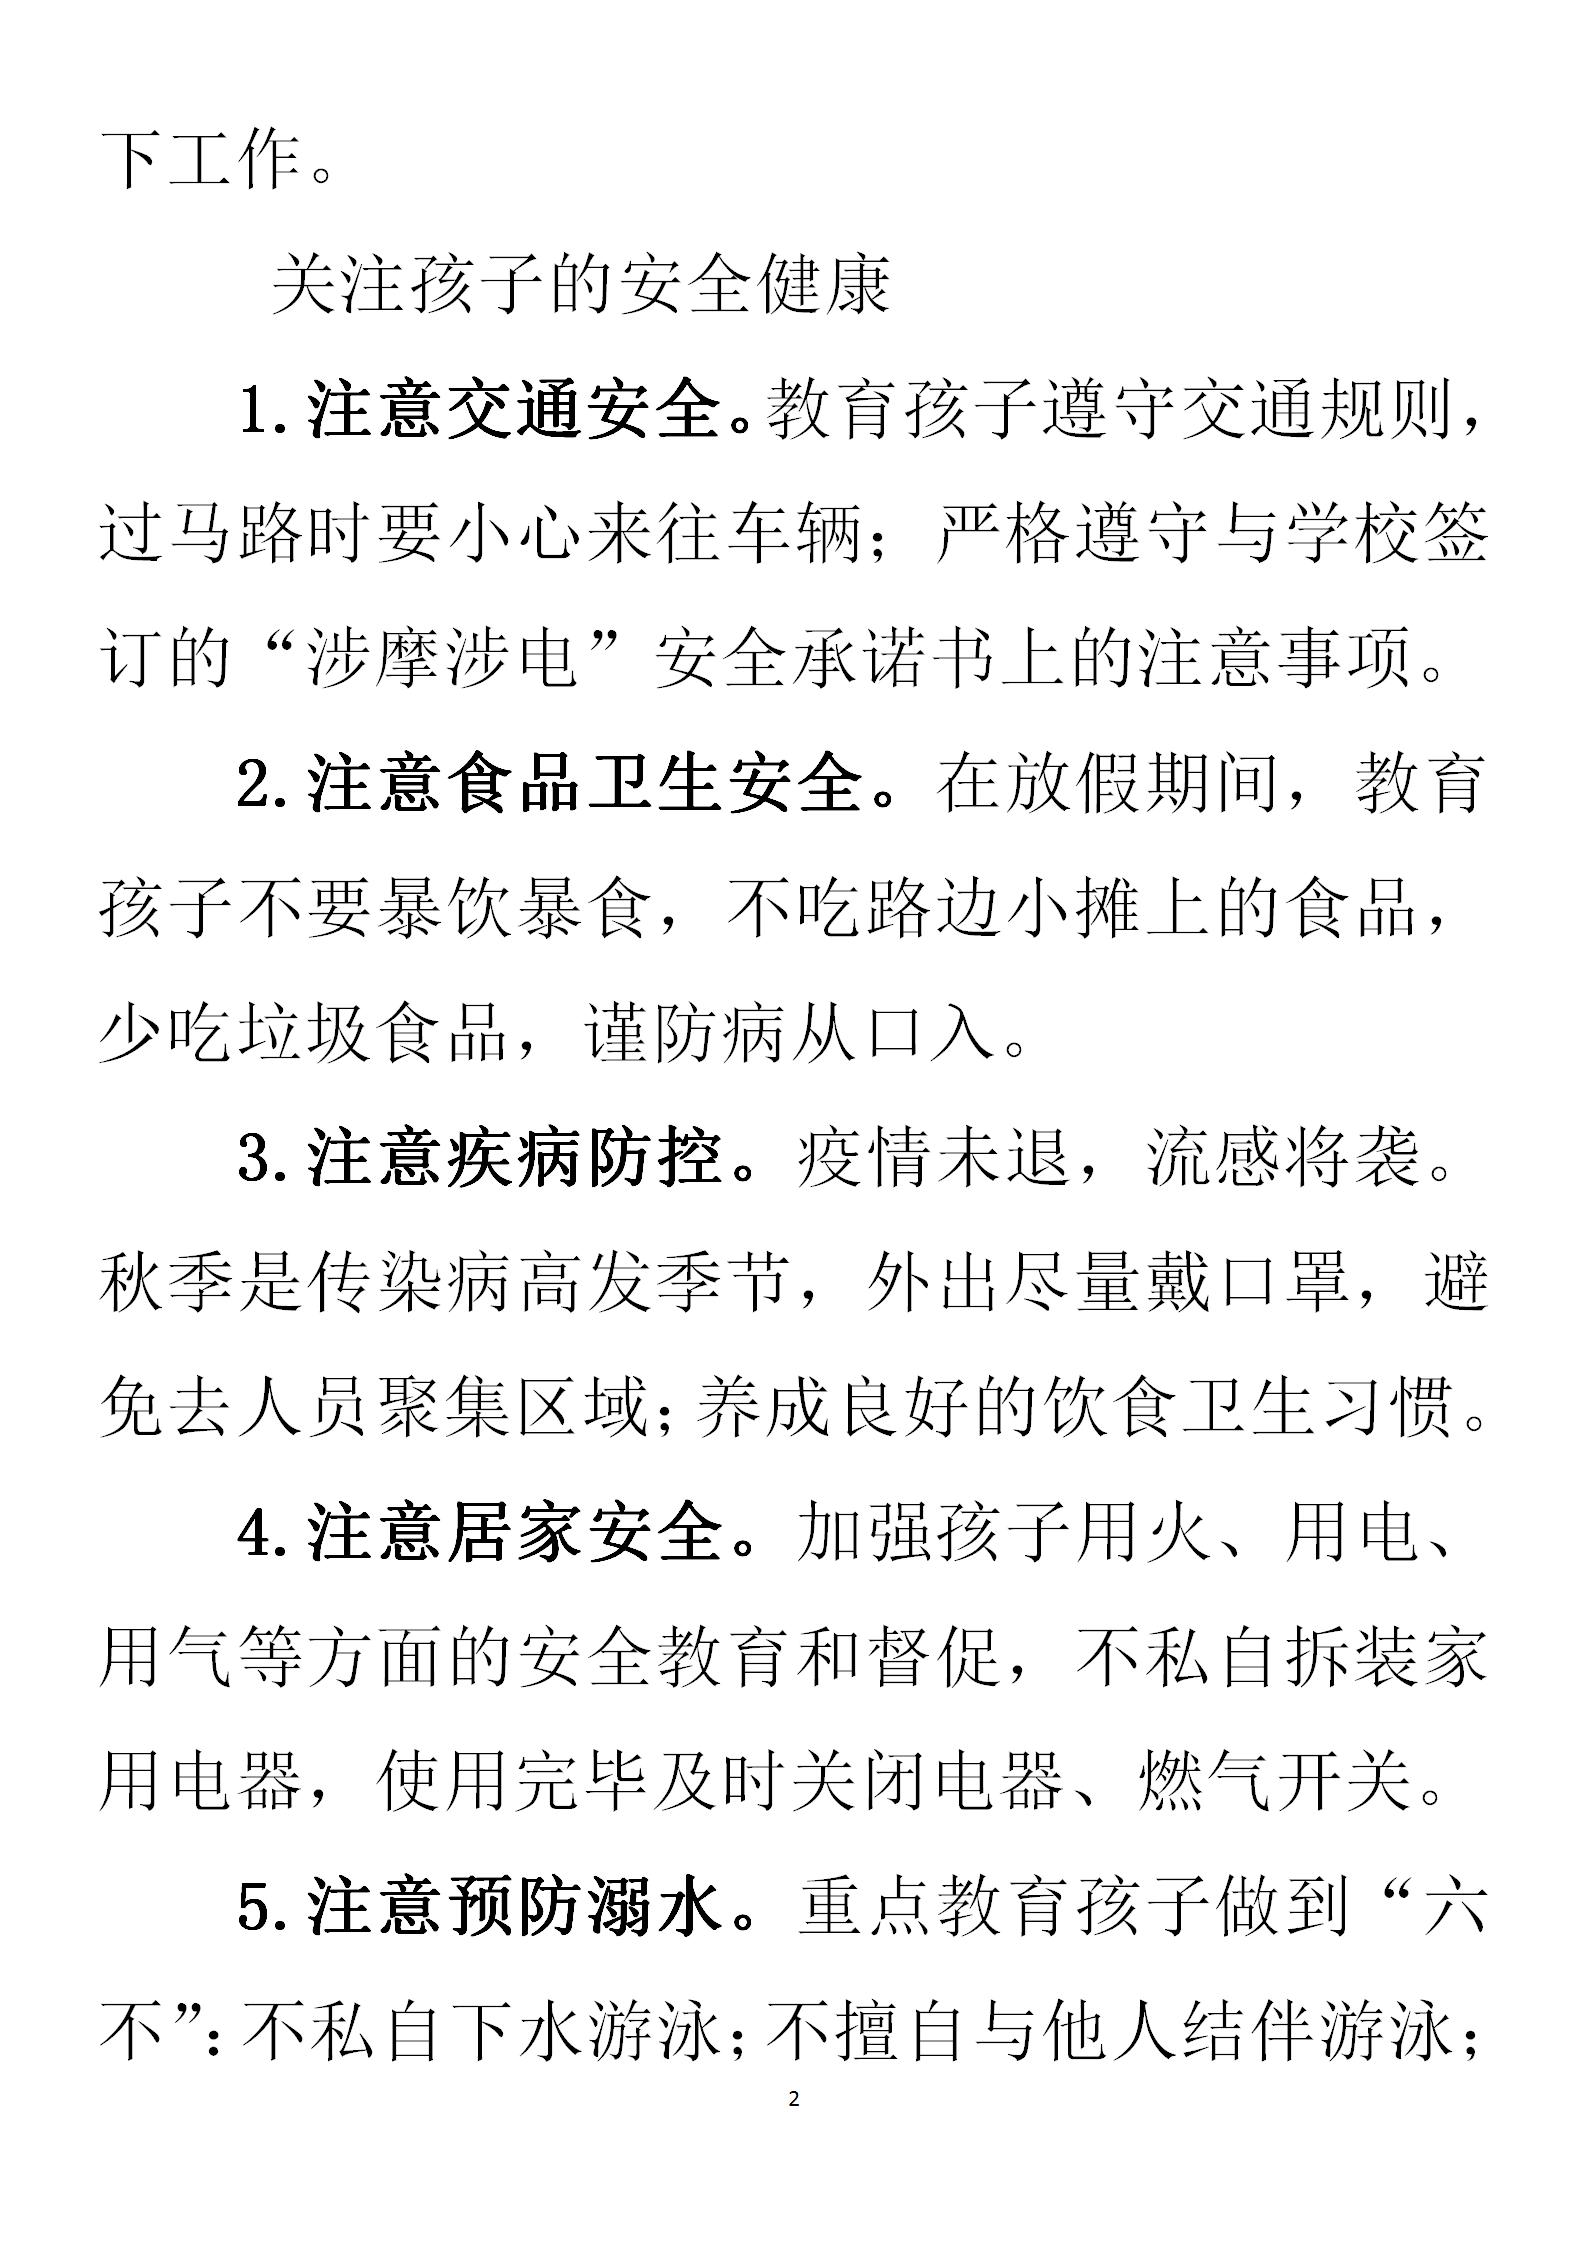 2021年中秋节致家长一封信_02